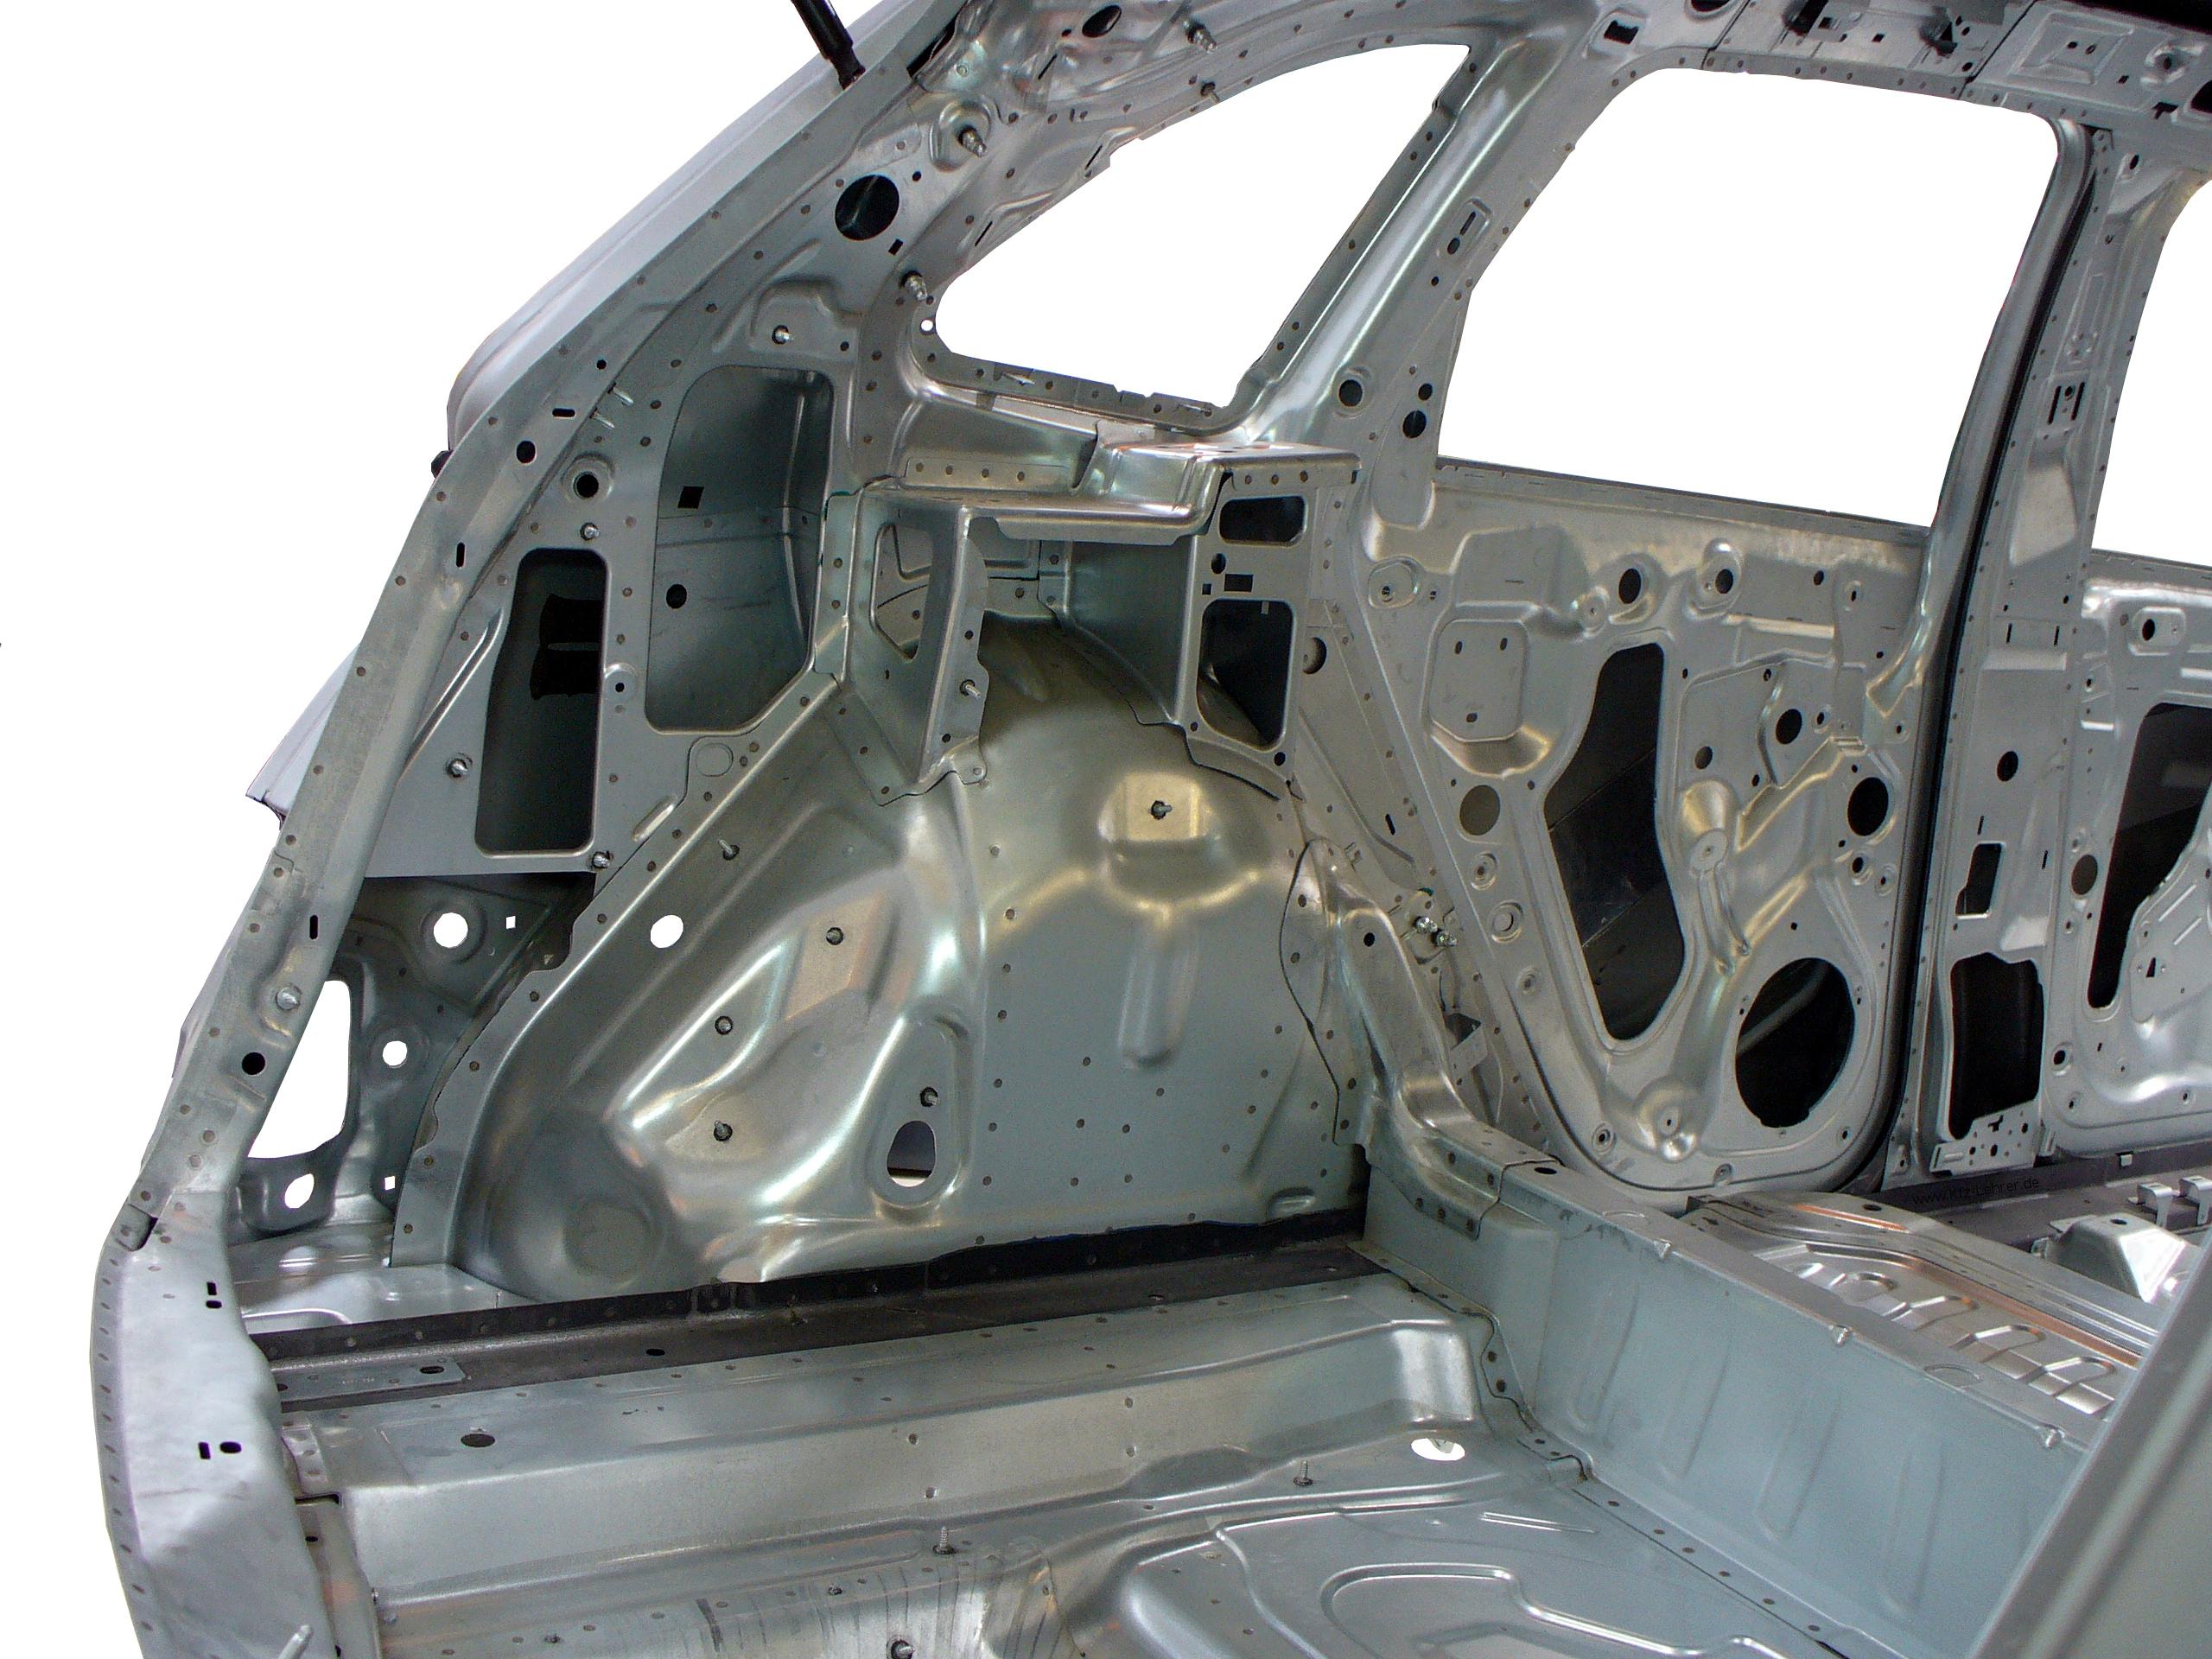 Blick in die Rohkarosserie des Audi Q5 durch die geöffnete Kofferklappe